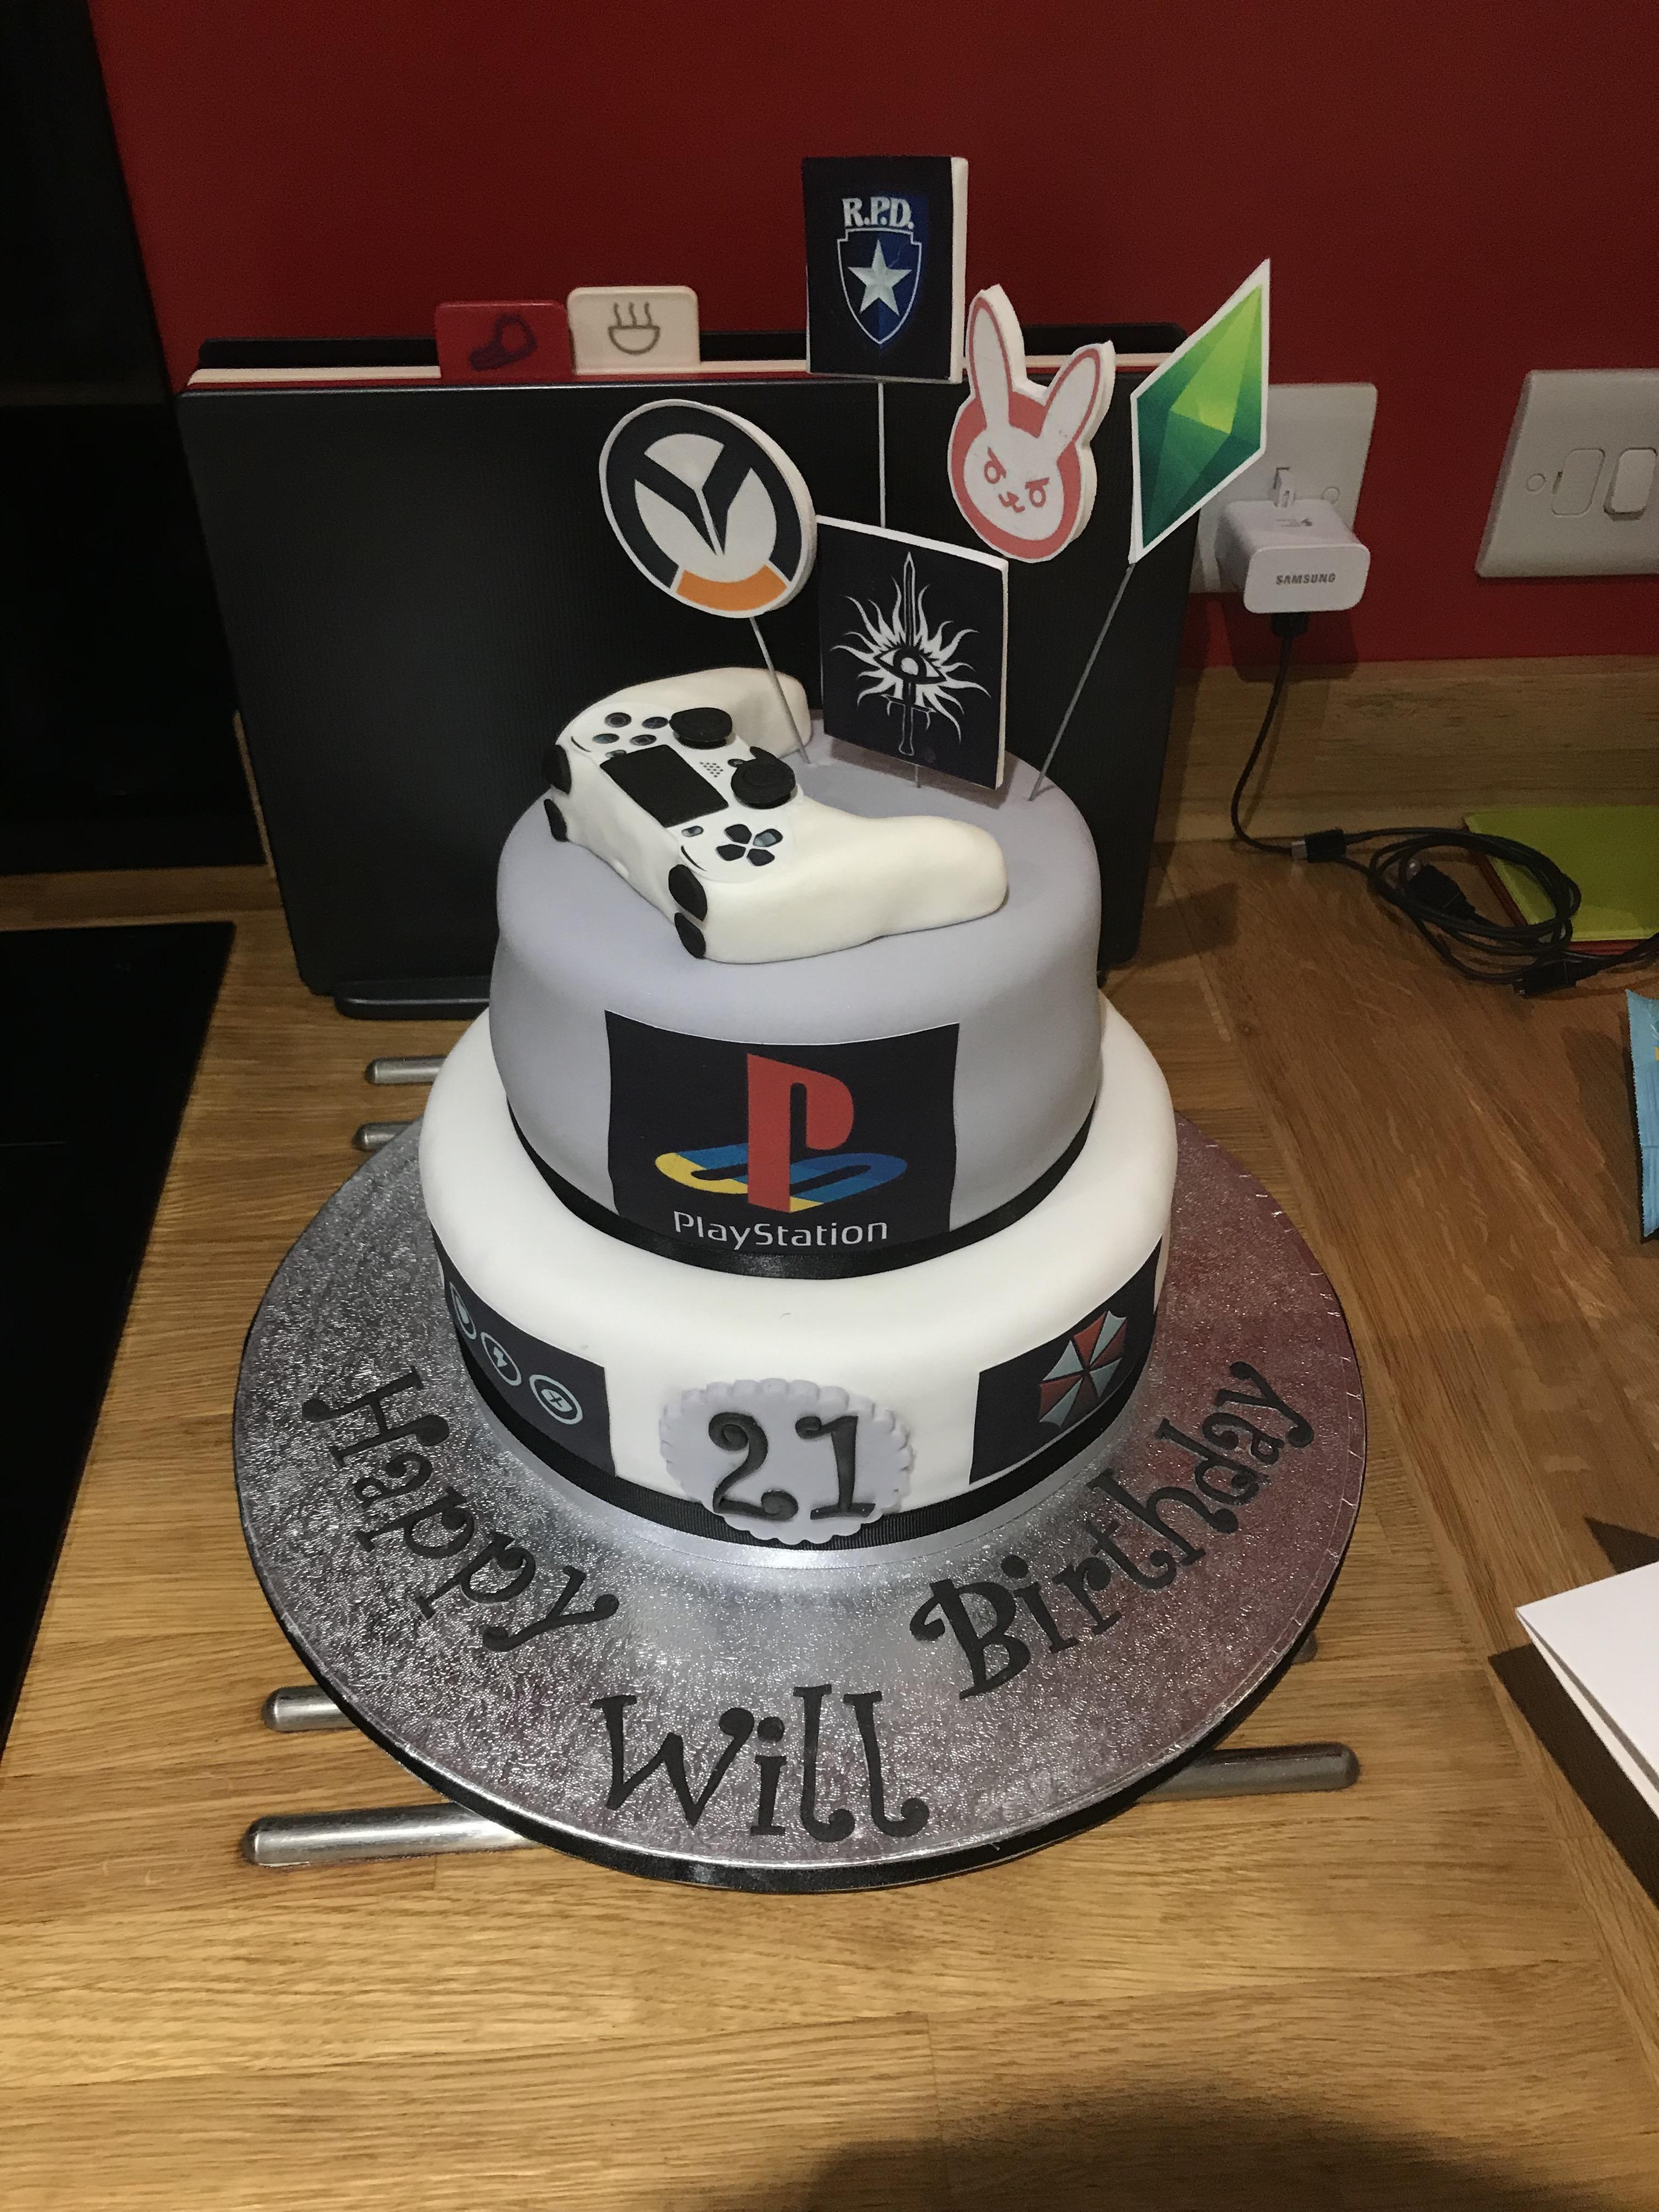 My girlfriend got me this amazing birthday cake Cool